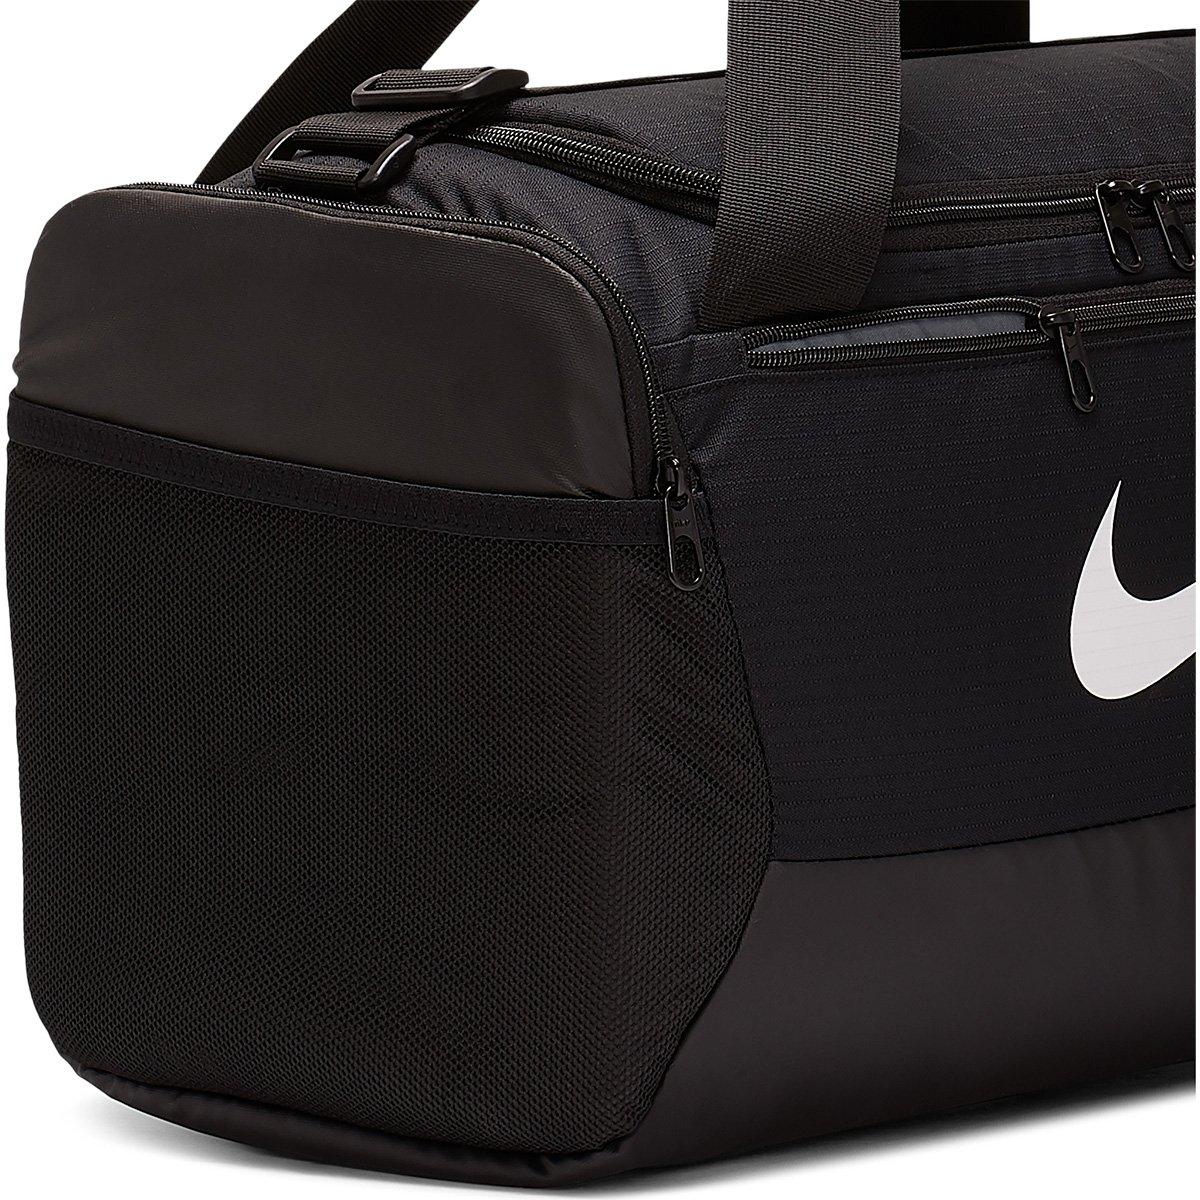 Bolsa Nike Brasilia Duff S 9.0 - 41 litros Preto e Branco